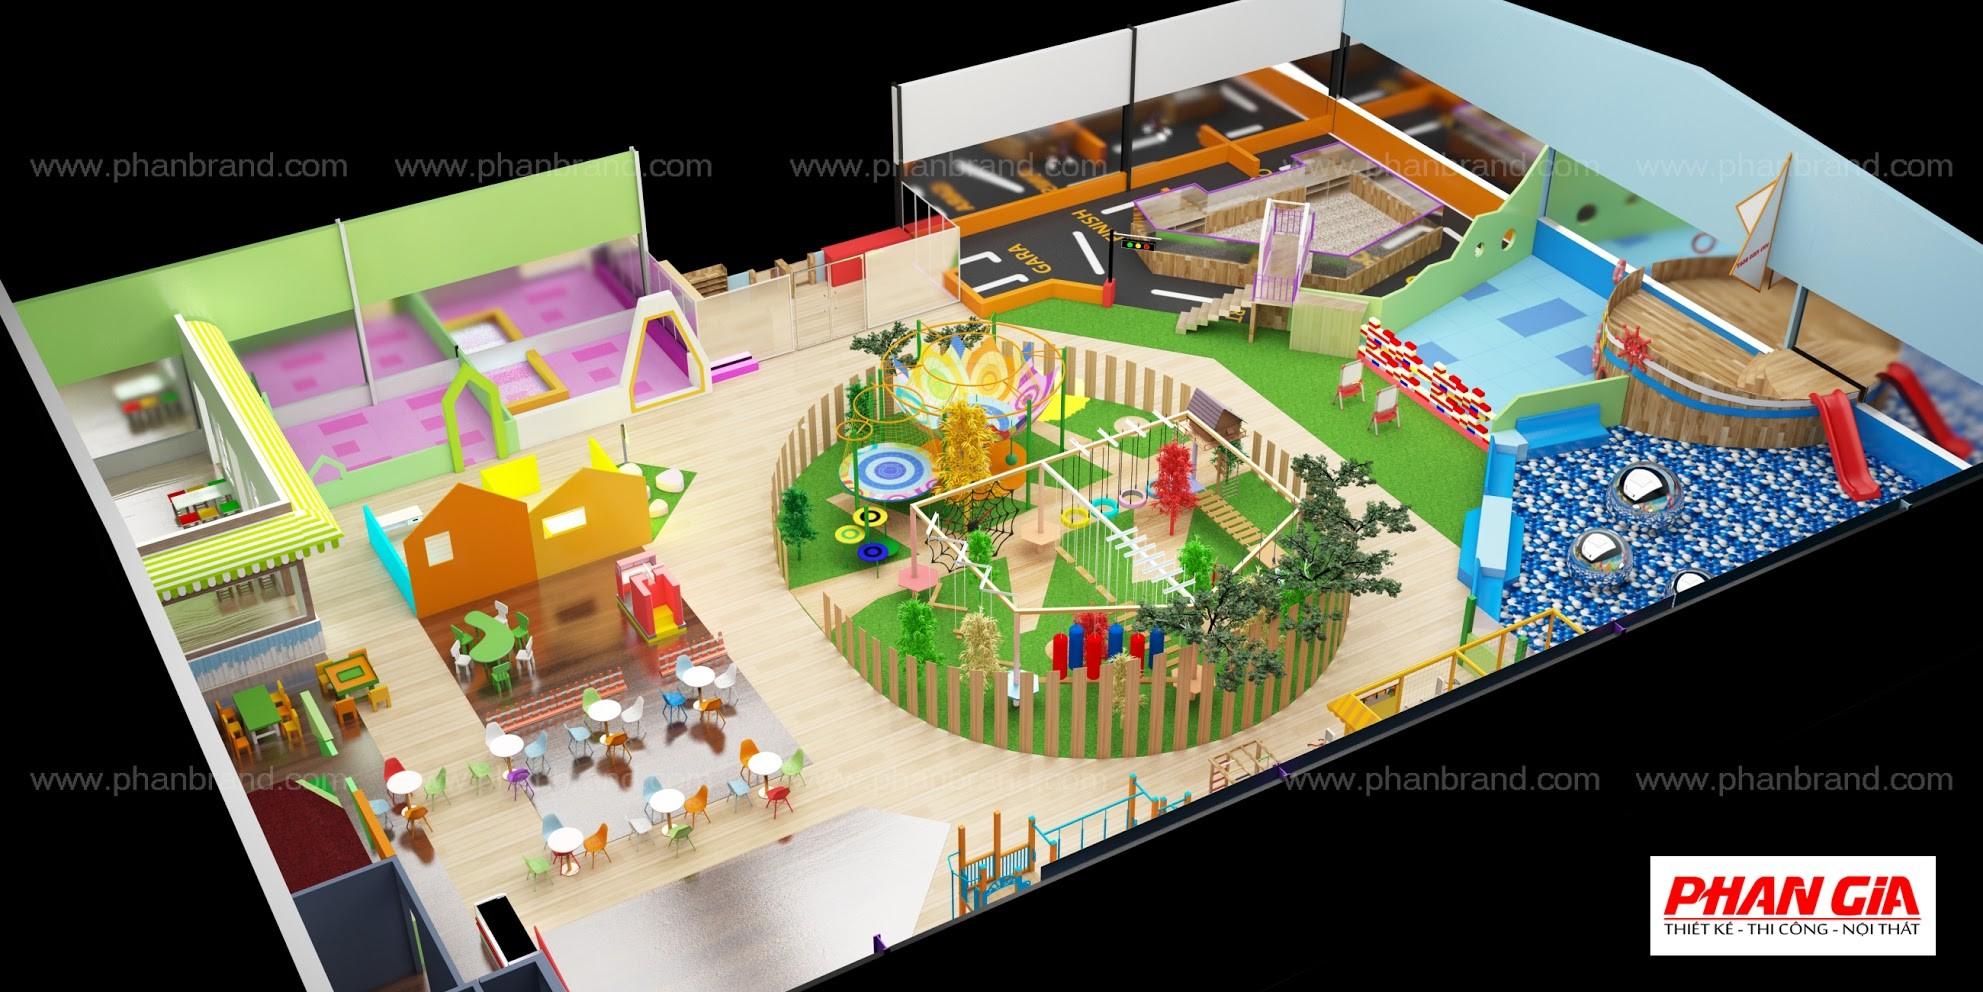 Mẫu thiết kế khu vui chơi trẻ em VikiTown Củ chi